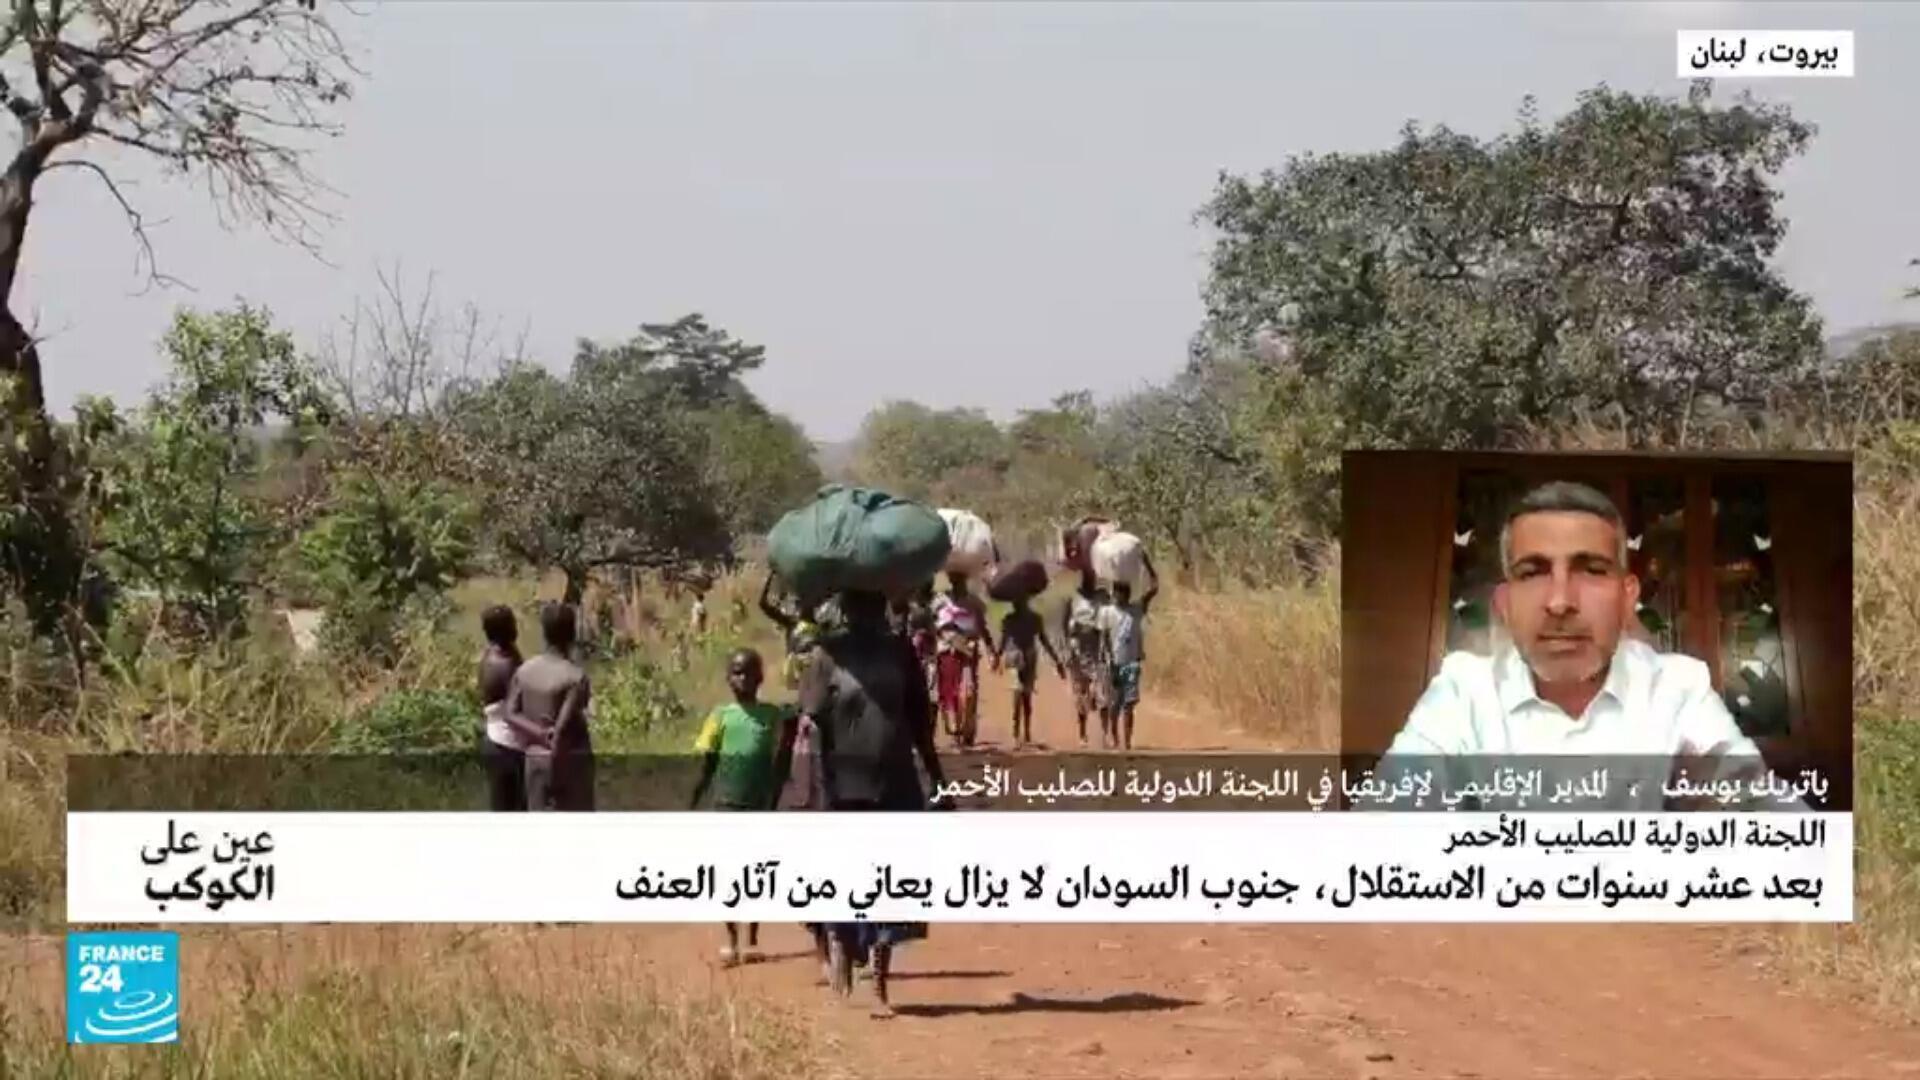 بعد عشر سنوات من الاستقلال.. جنوب السودان لا يزال يعاني من آثار العنف